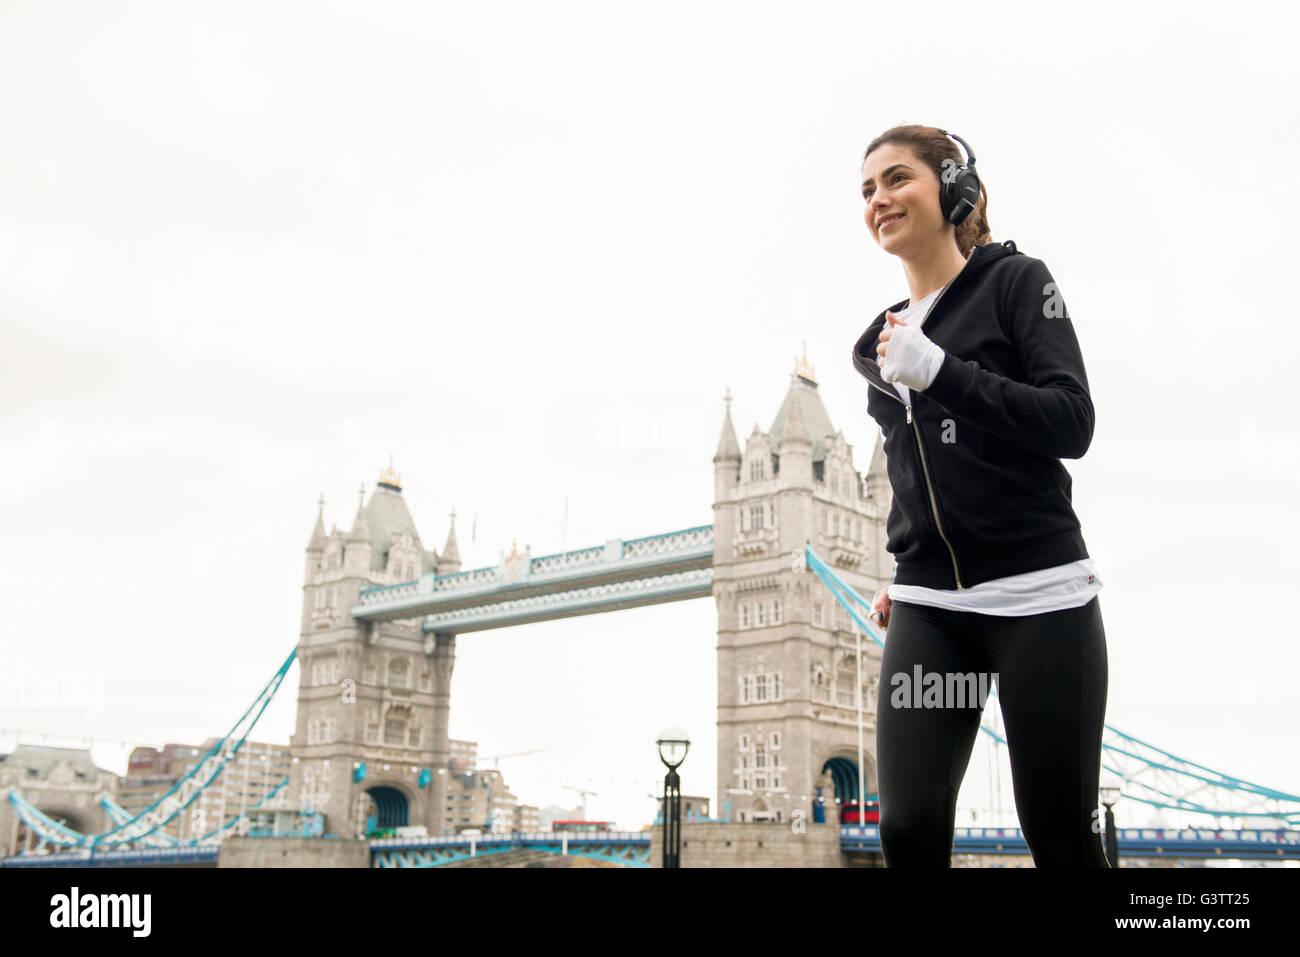 Una giovane donna jogging passato il Tower Bridge di Londra. Immagini Stock